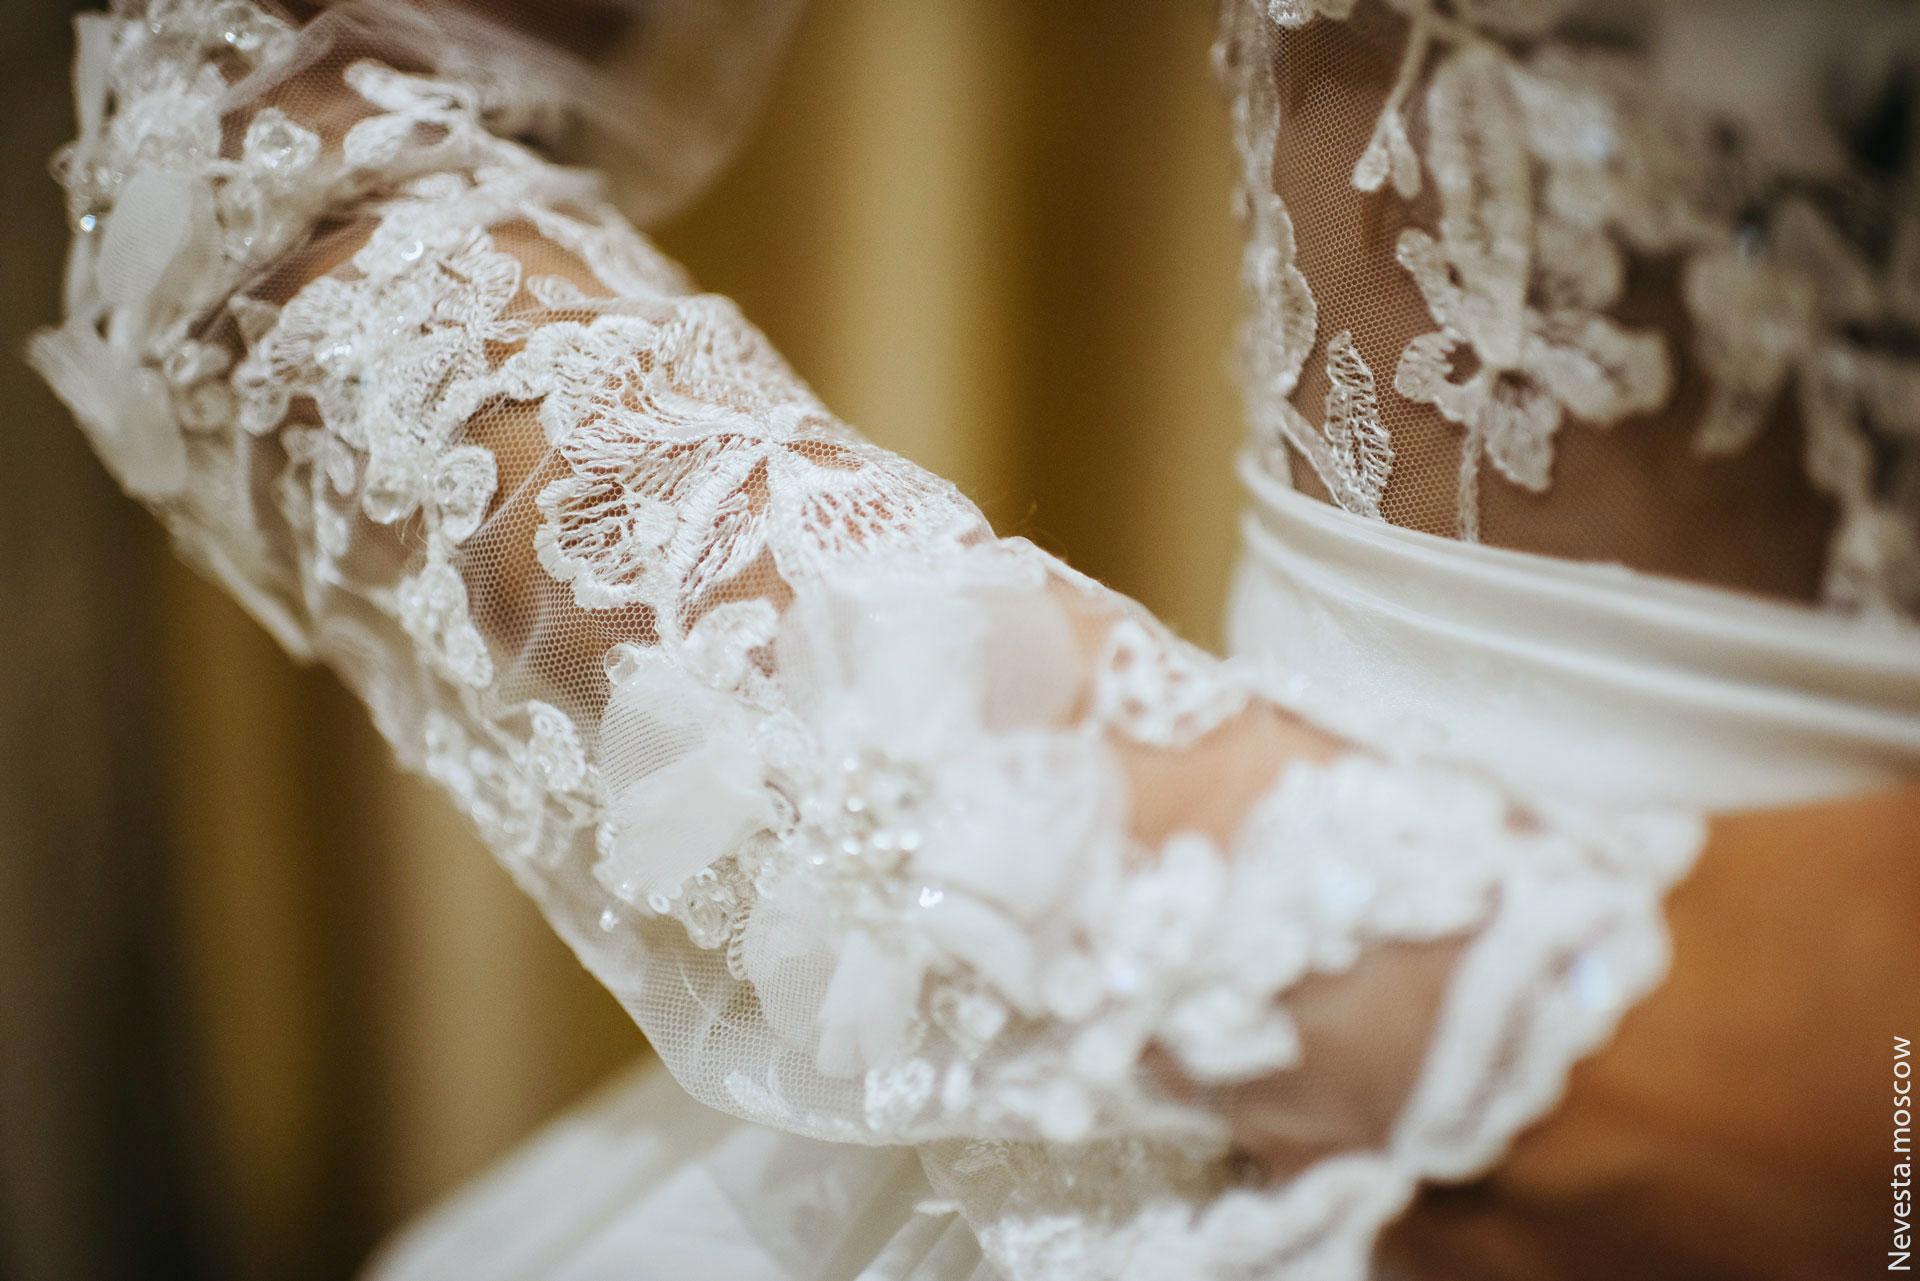 Анна Калашникова выбирает образ для своей свадьбы фото 34